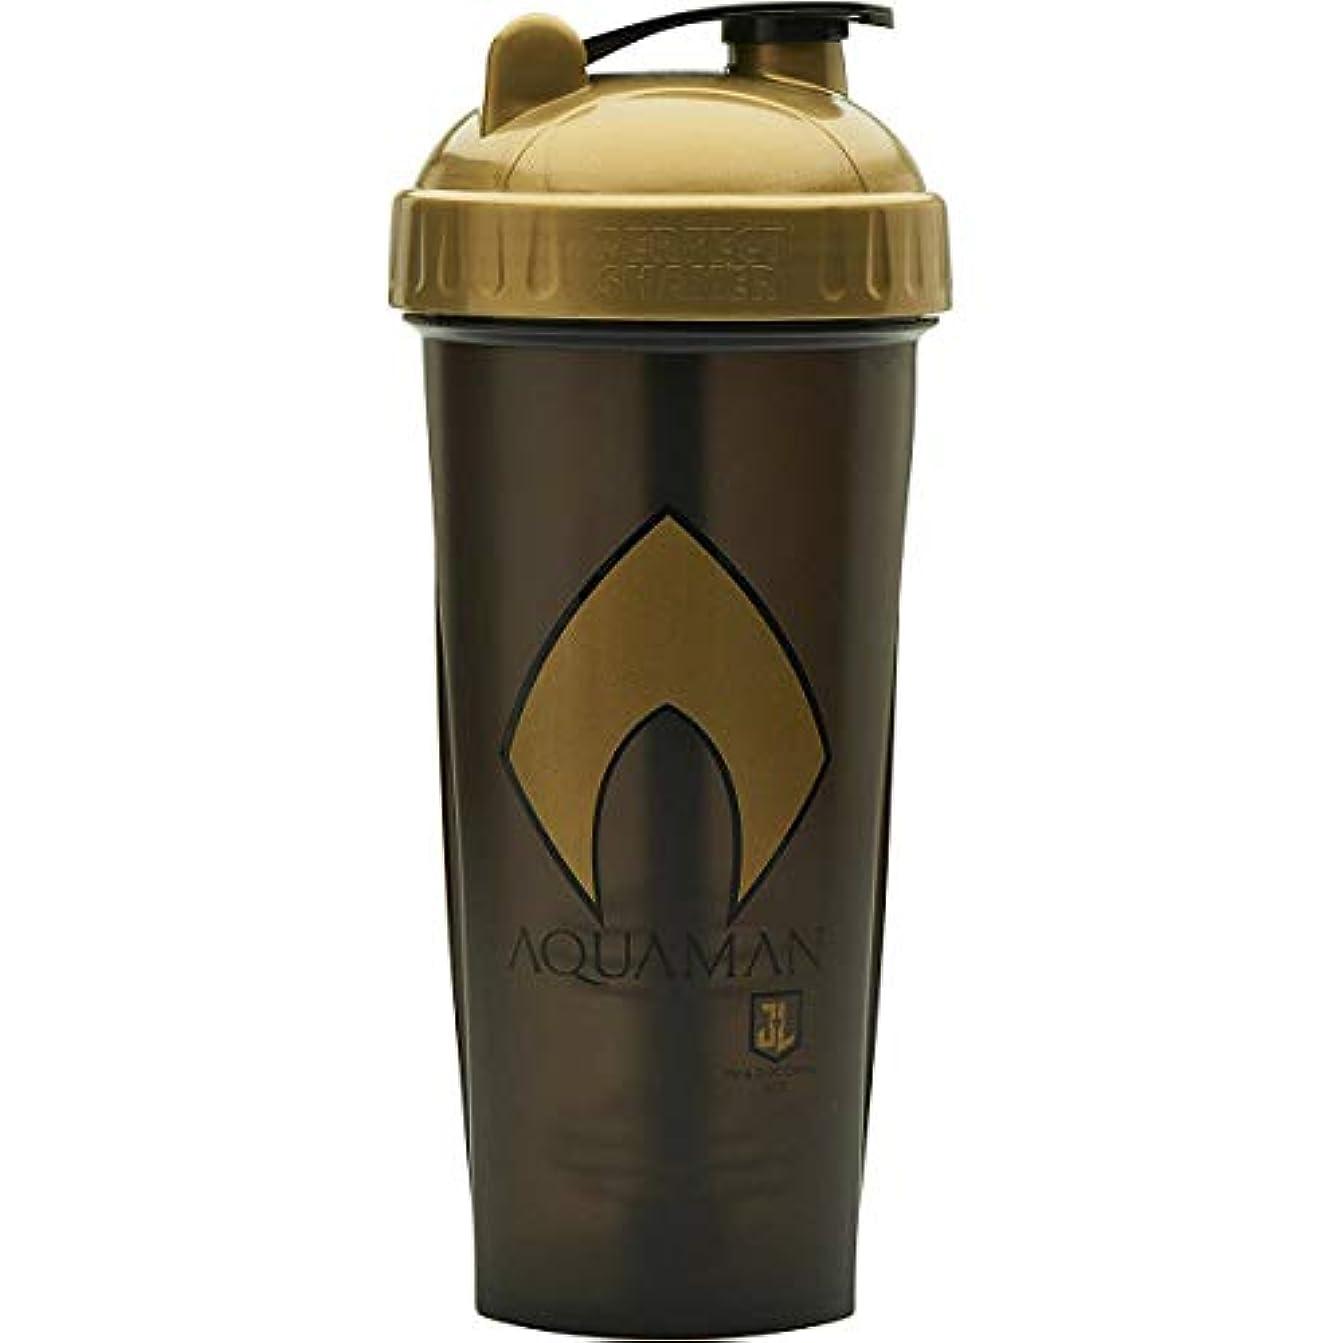 エレメンタル悲観的キネマティクスBOT-55 ボトル シェイカー プロテイン 水筒 筋トレ ジム ブレンダ― ミキサー ヒーロー 800ml (BOT-55)